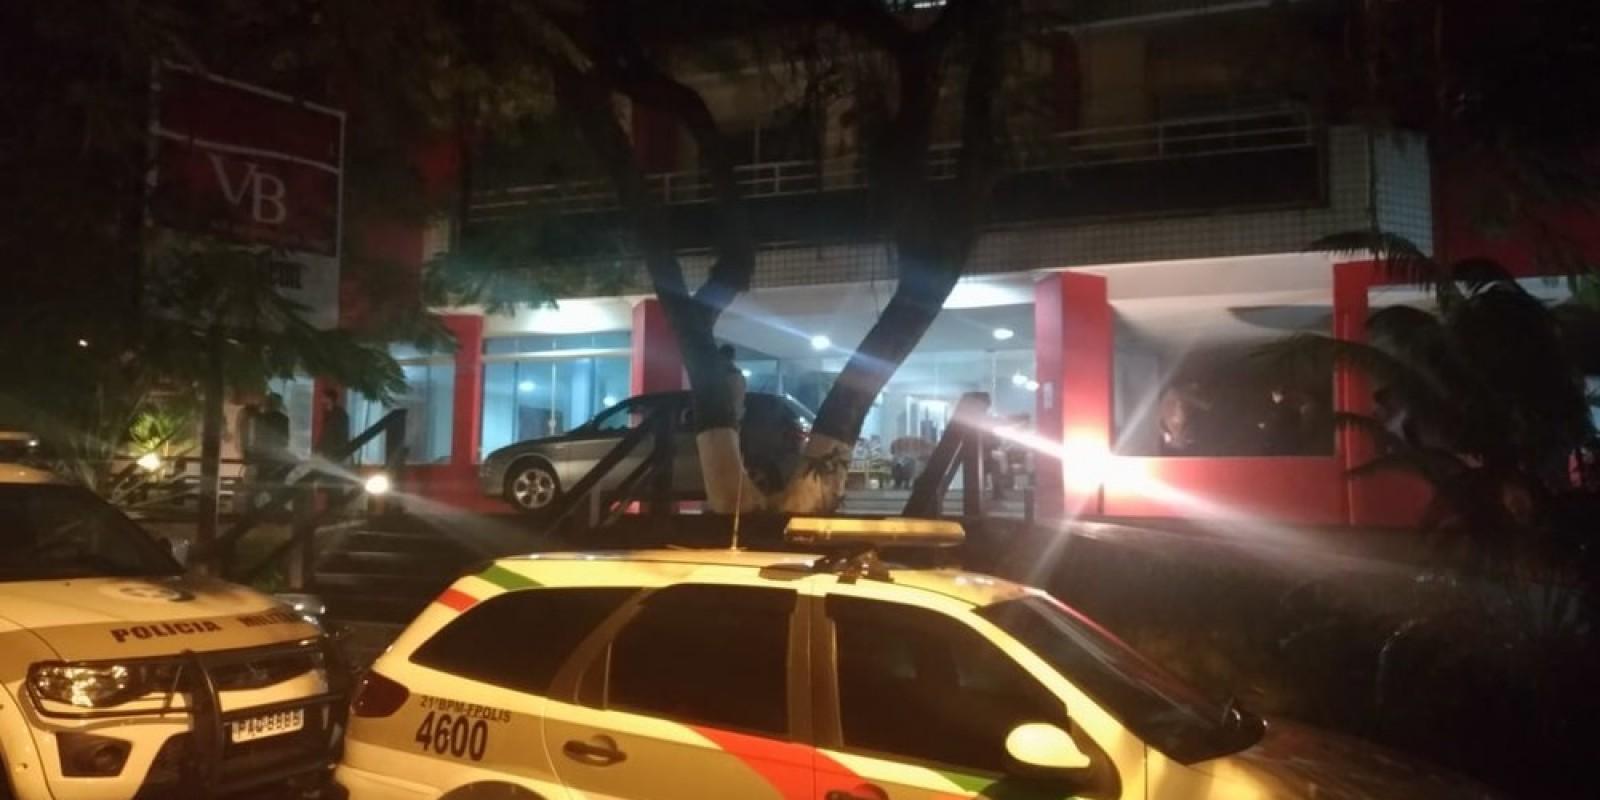 Cinco pessoas, sendo quatro da mesma família, foram encontradas mortas em Florianópolis